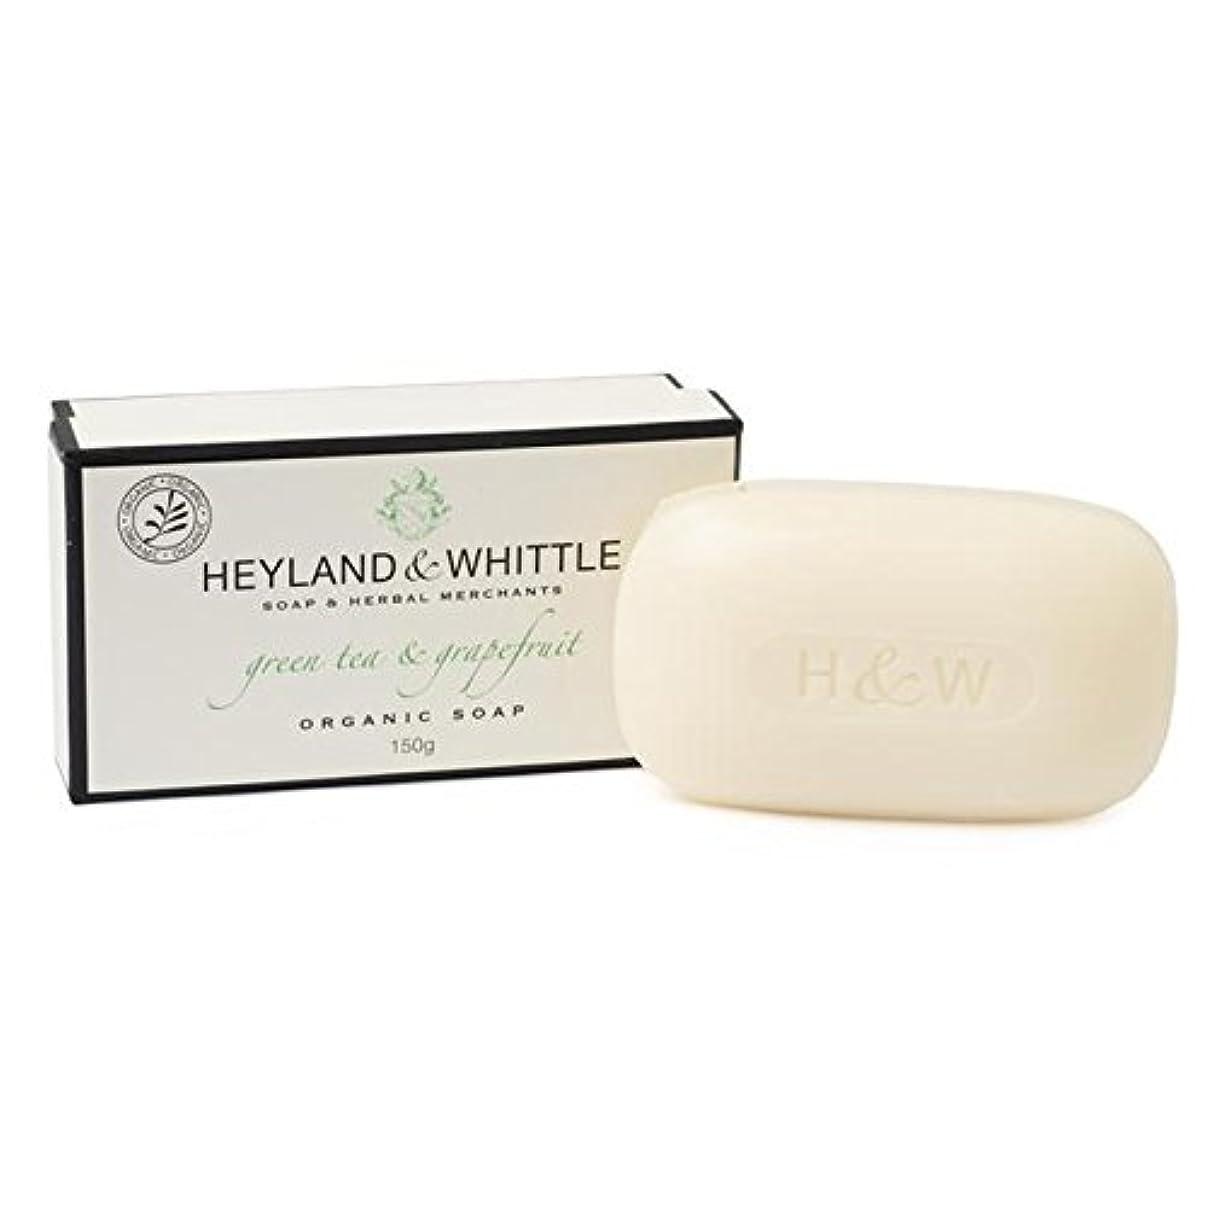 ピンチ同化する一口Heyland & Whittle Green Tea & Grapefruit Boxed Organic Soap 150g - &削る緑茶&グレープフルーツはオーガニックソープ150グラム箱入り [並行輸入品]